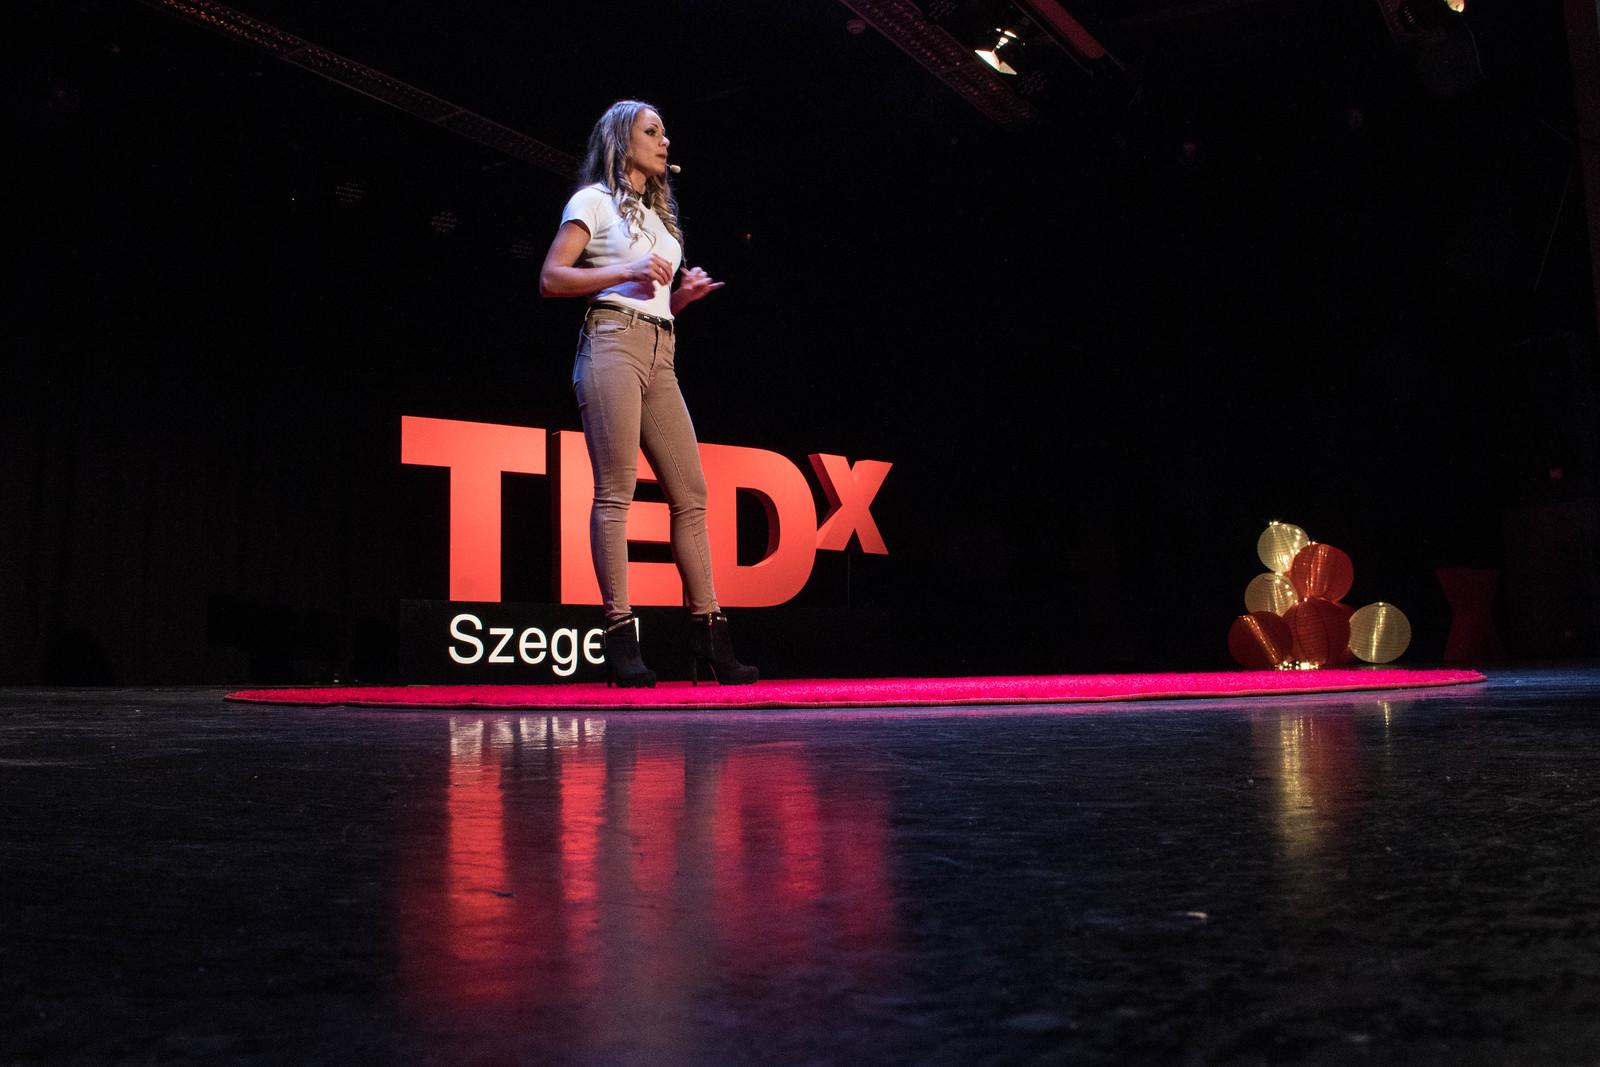 Végre Szegeden is volt TEDx!